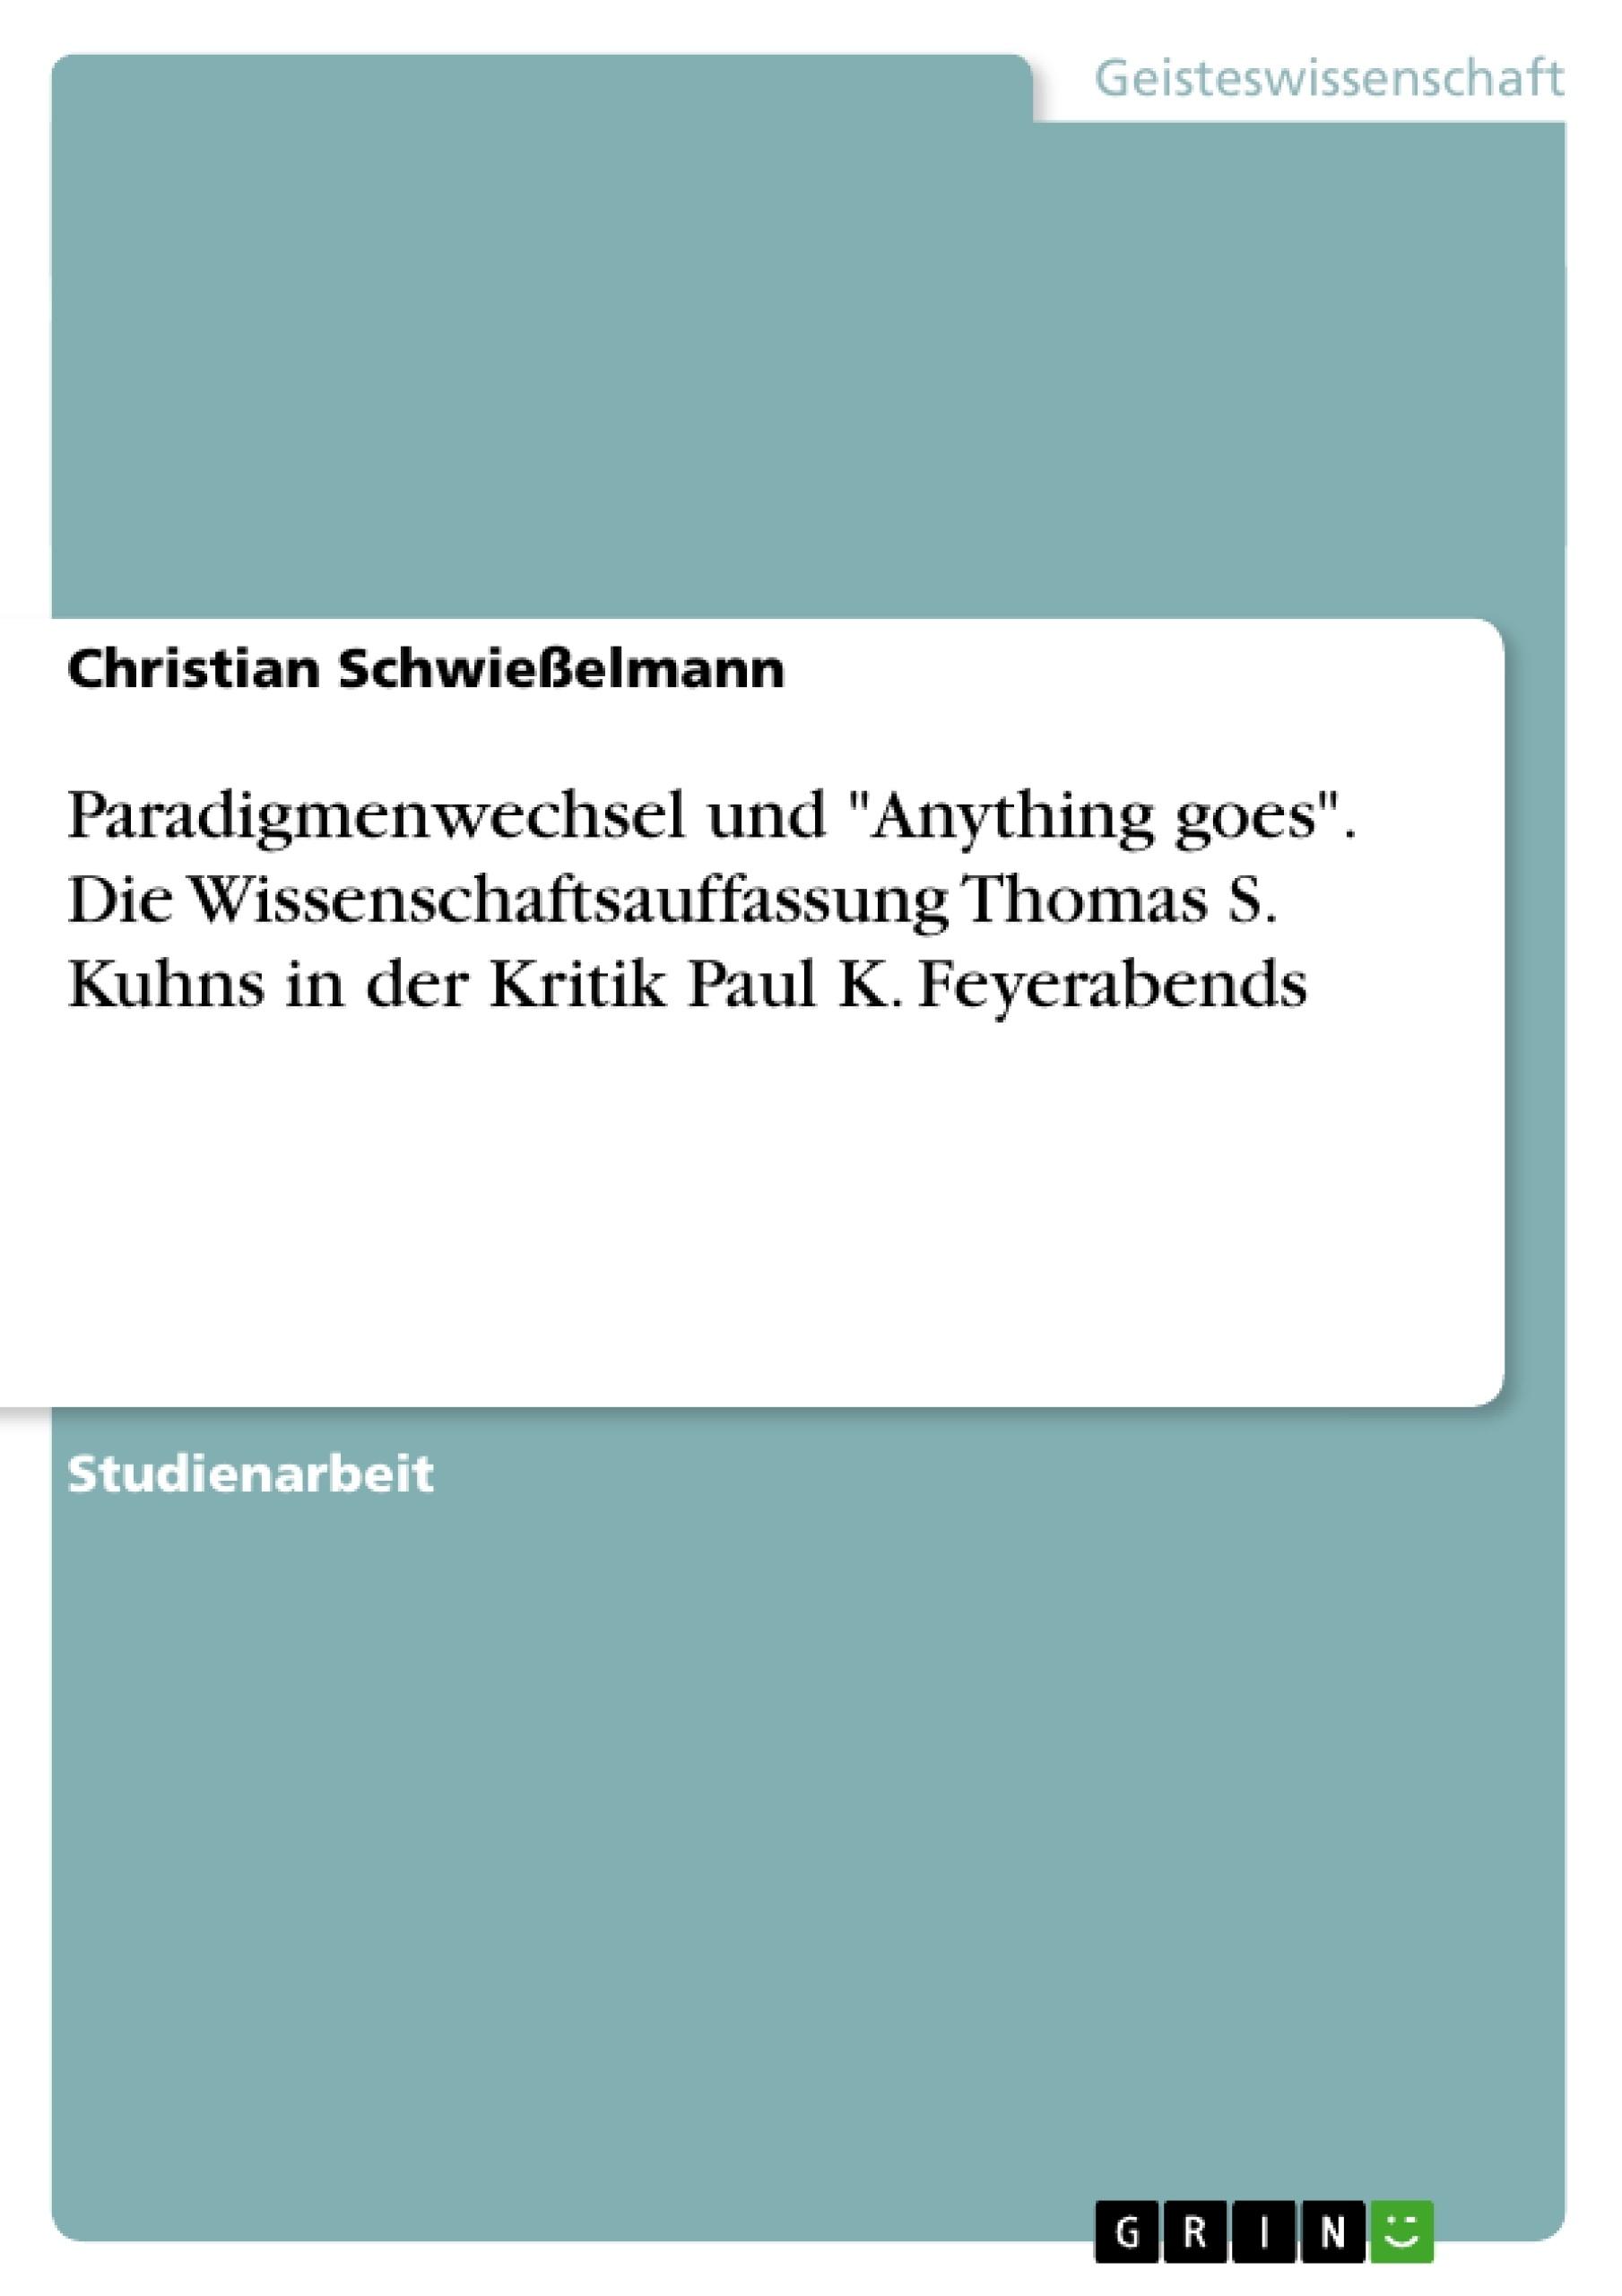 """Titel: Paradigmenwechsel und """"Anything goes"""". Die Wissenschaftsauffassung Thomas S. Kuhns in der Kritik Paul K. Feyerabends"""